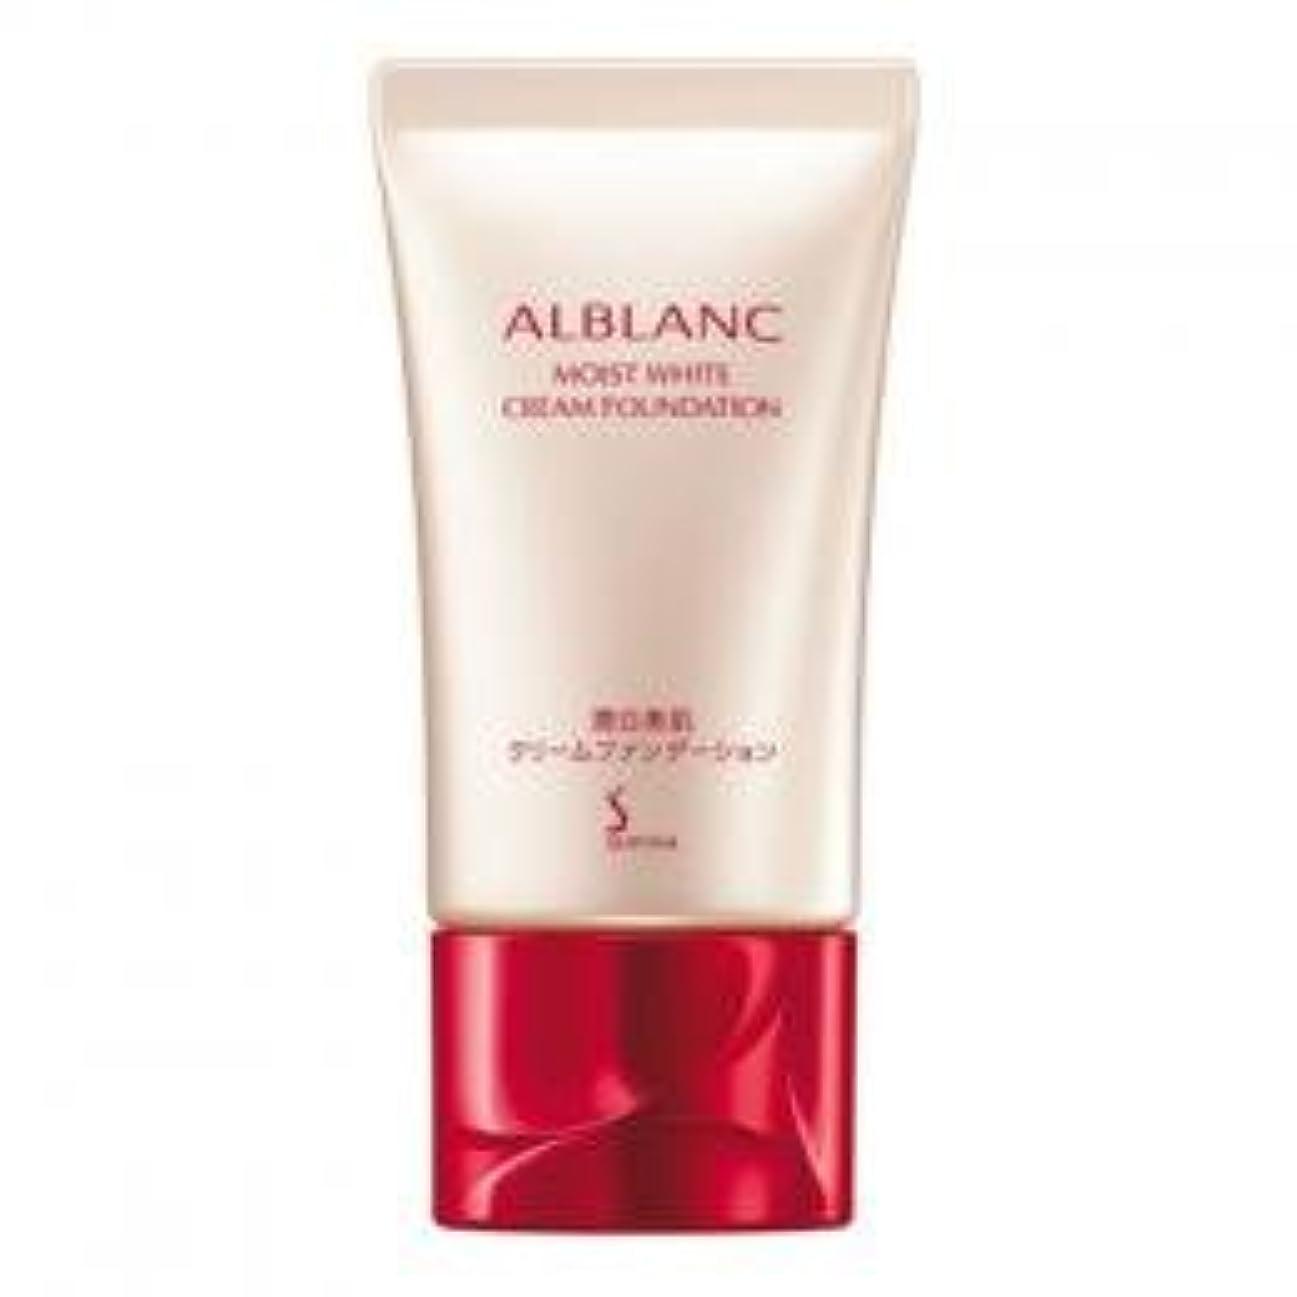 ありそう純粋に突っ込むソフィーナ アルブラン 潤白美肌クリームファンデーション ピンクオークル03